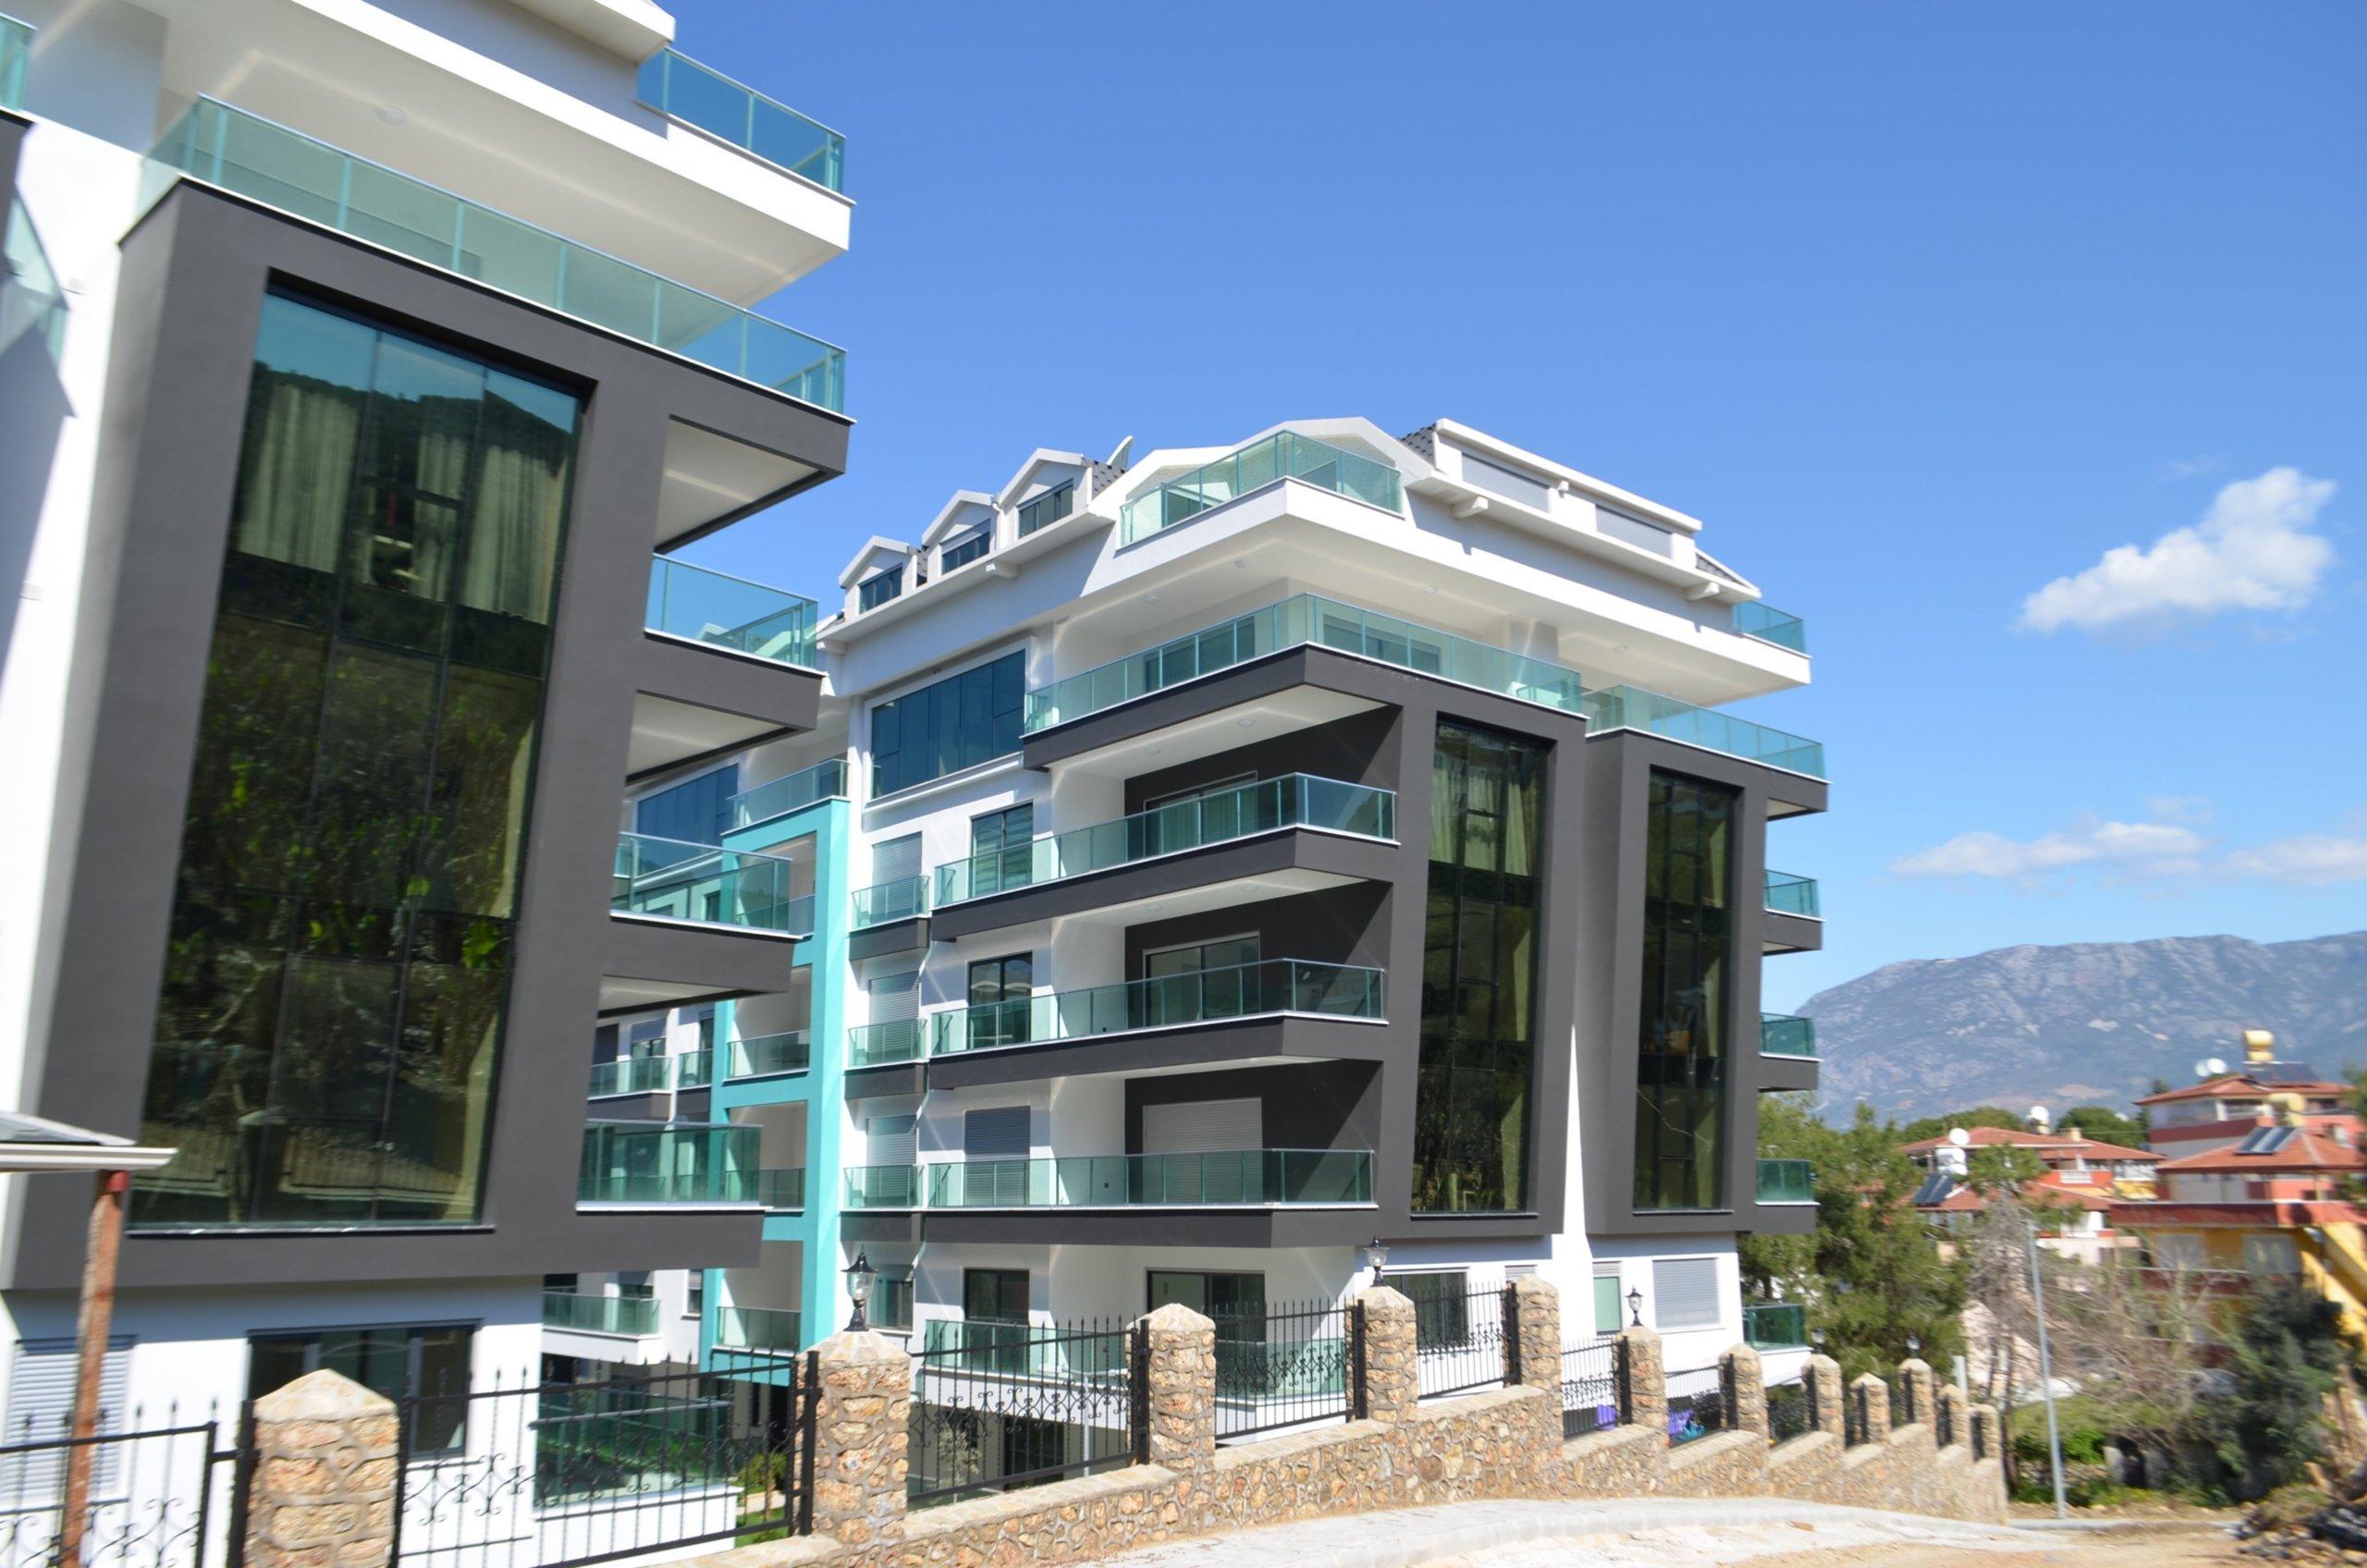 Элитные апартаменты в уникальном жилом комплексе отельного типа